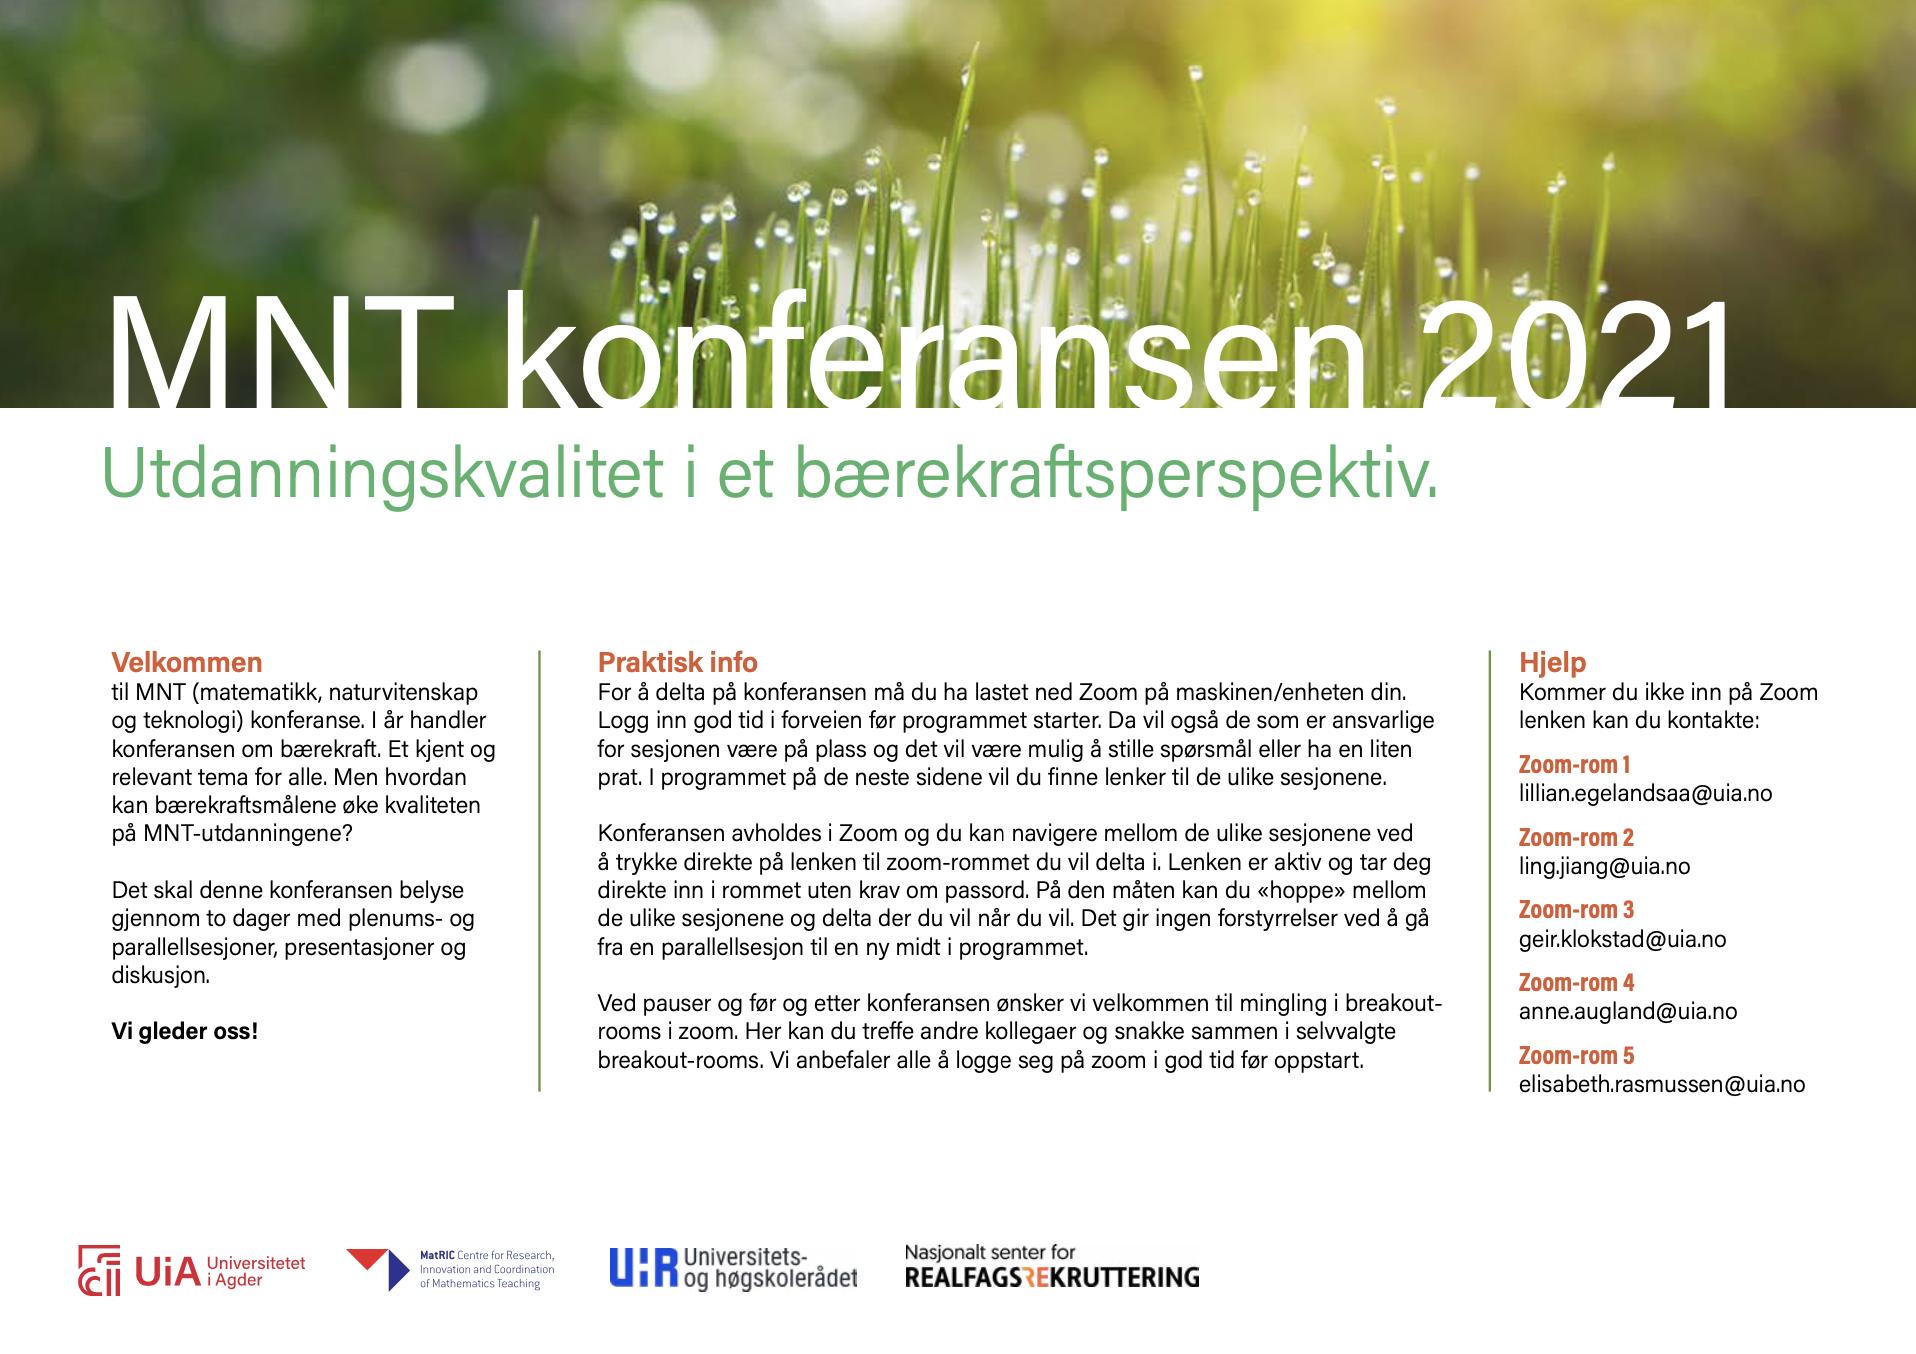 View Vol. 5 No. 1 (2021): Vol. 5, No. 1, MNT konferansen 2021